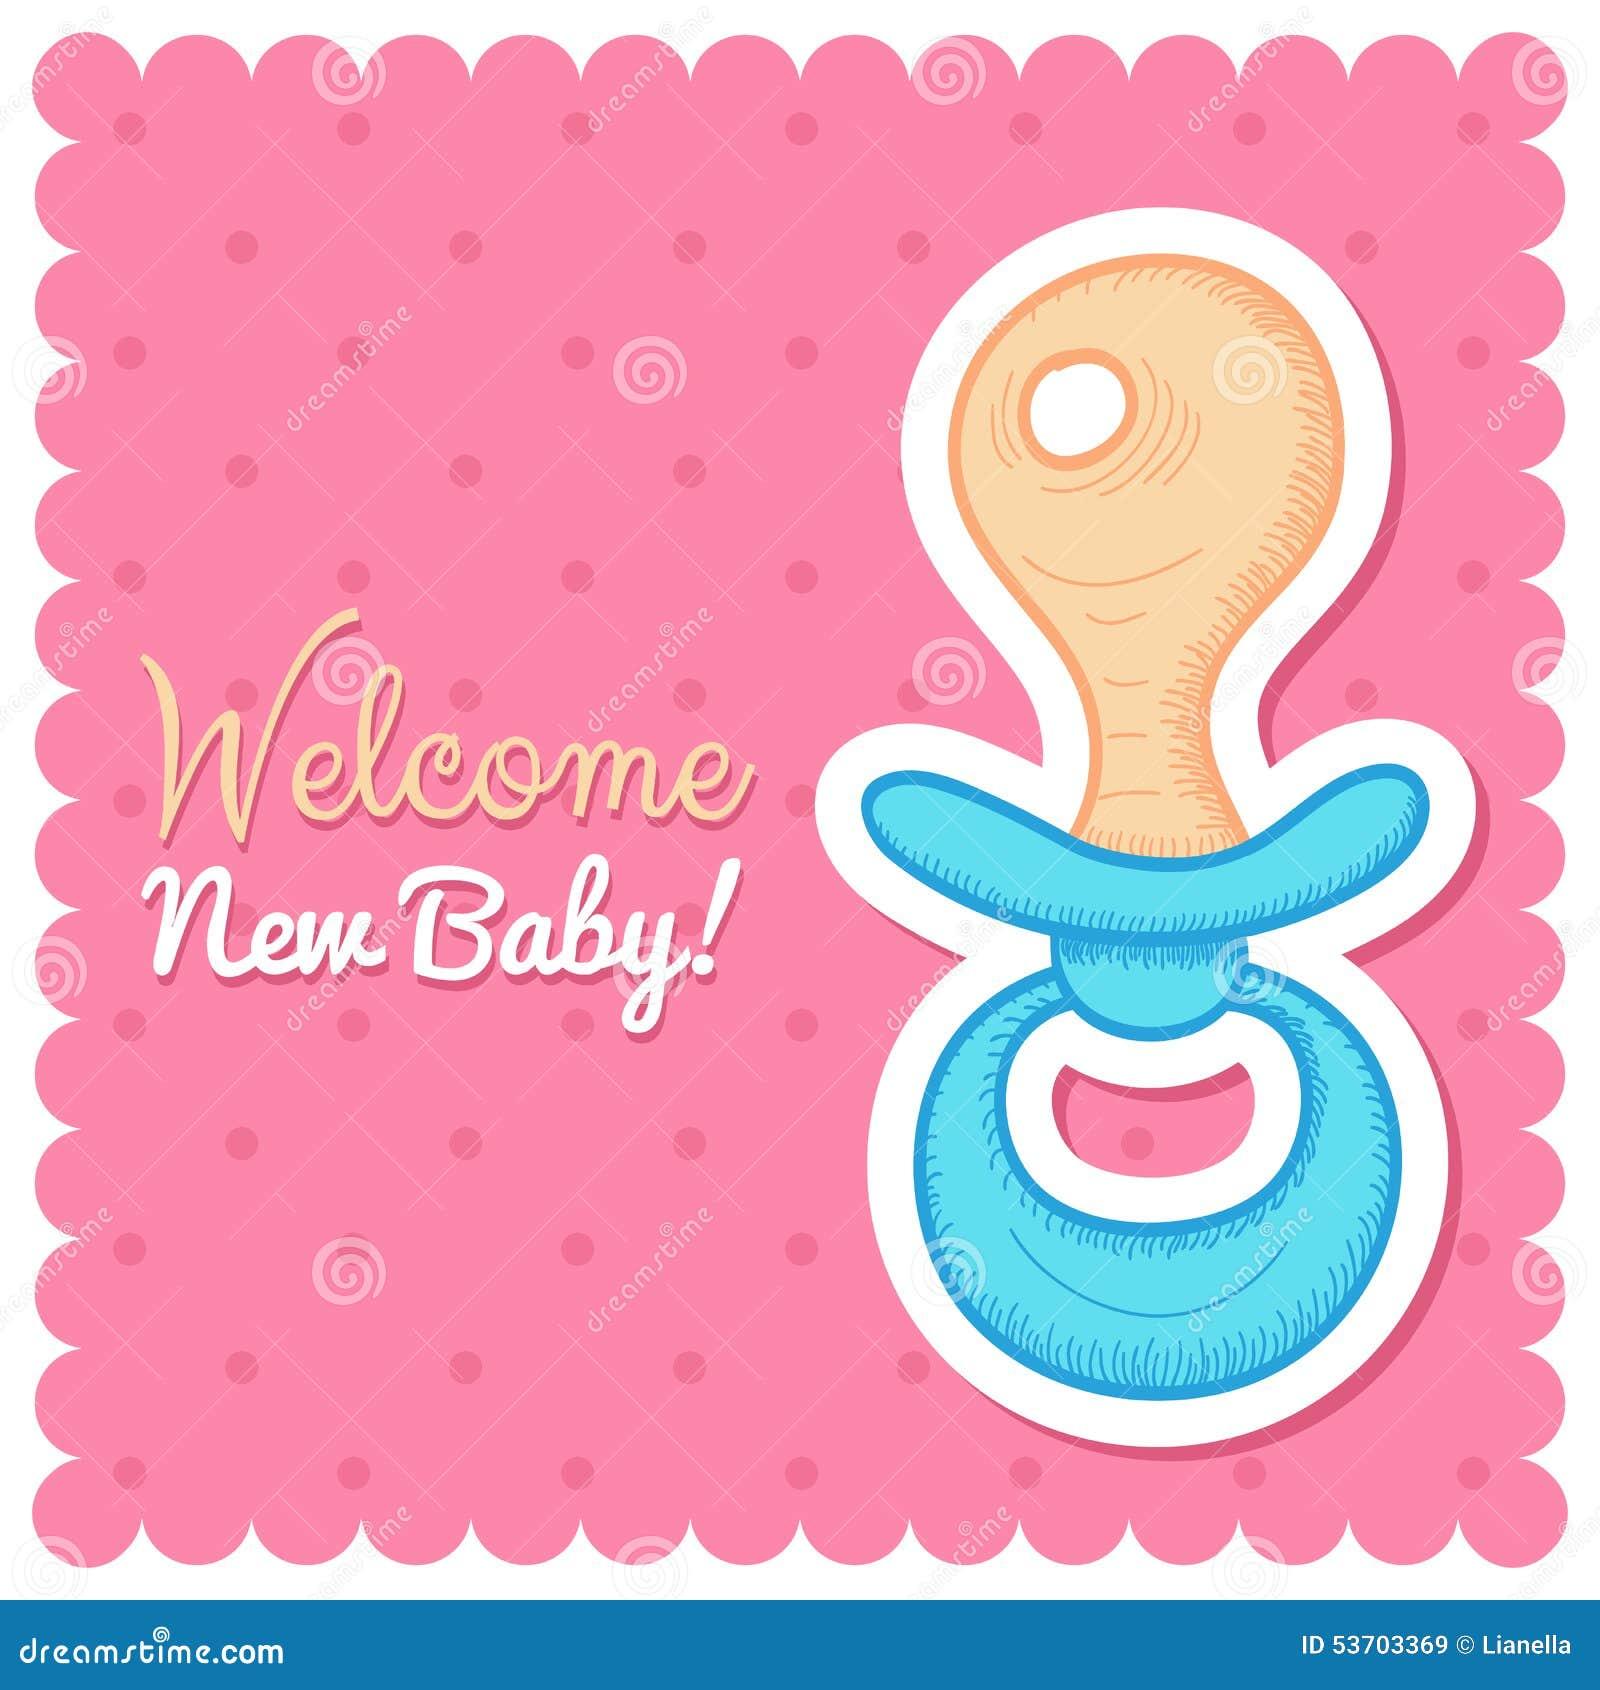 Fotos de bienvenida a un bebe